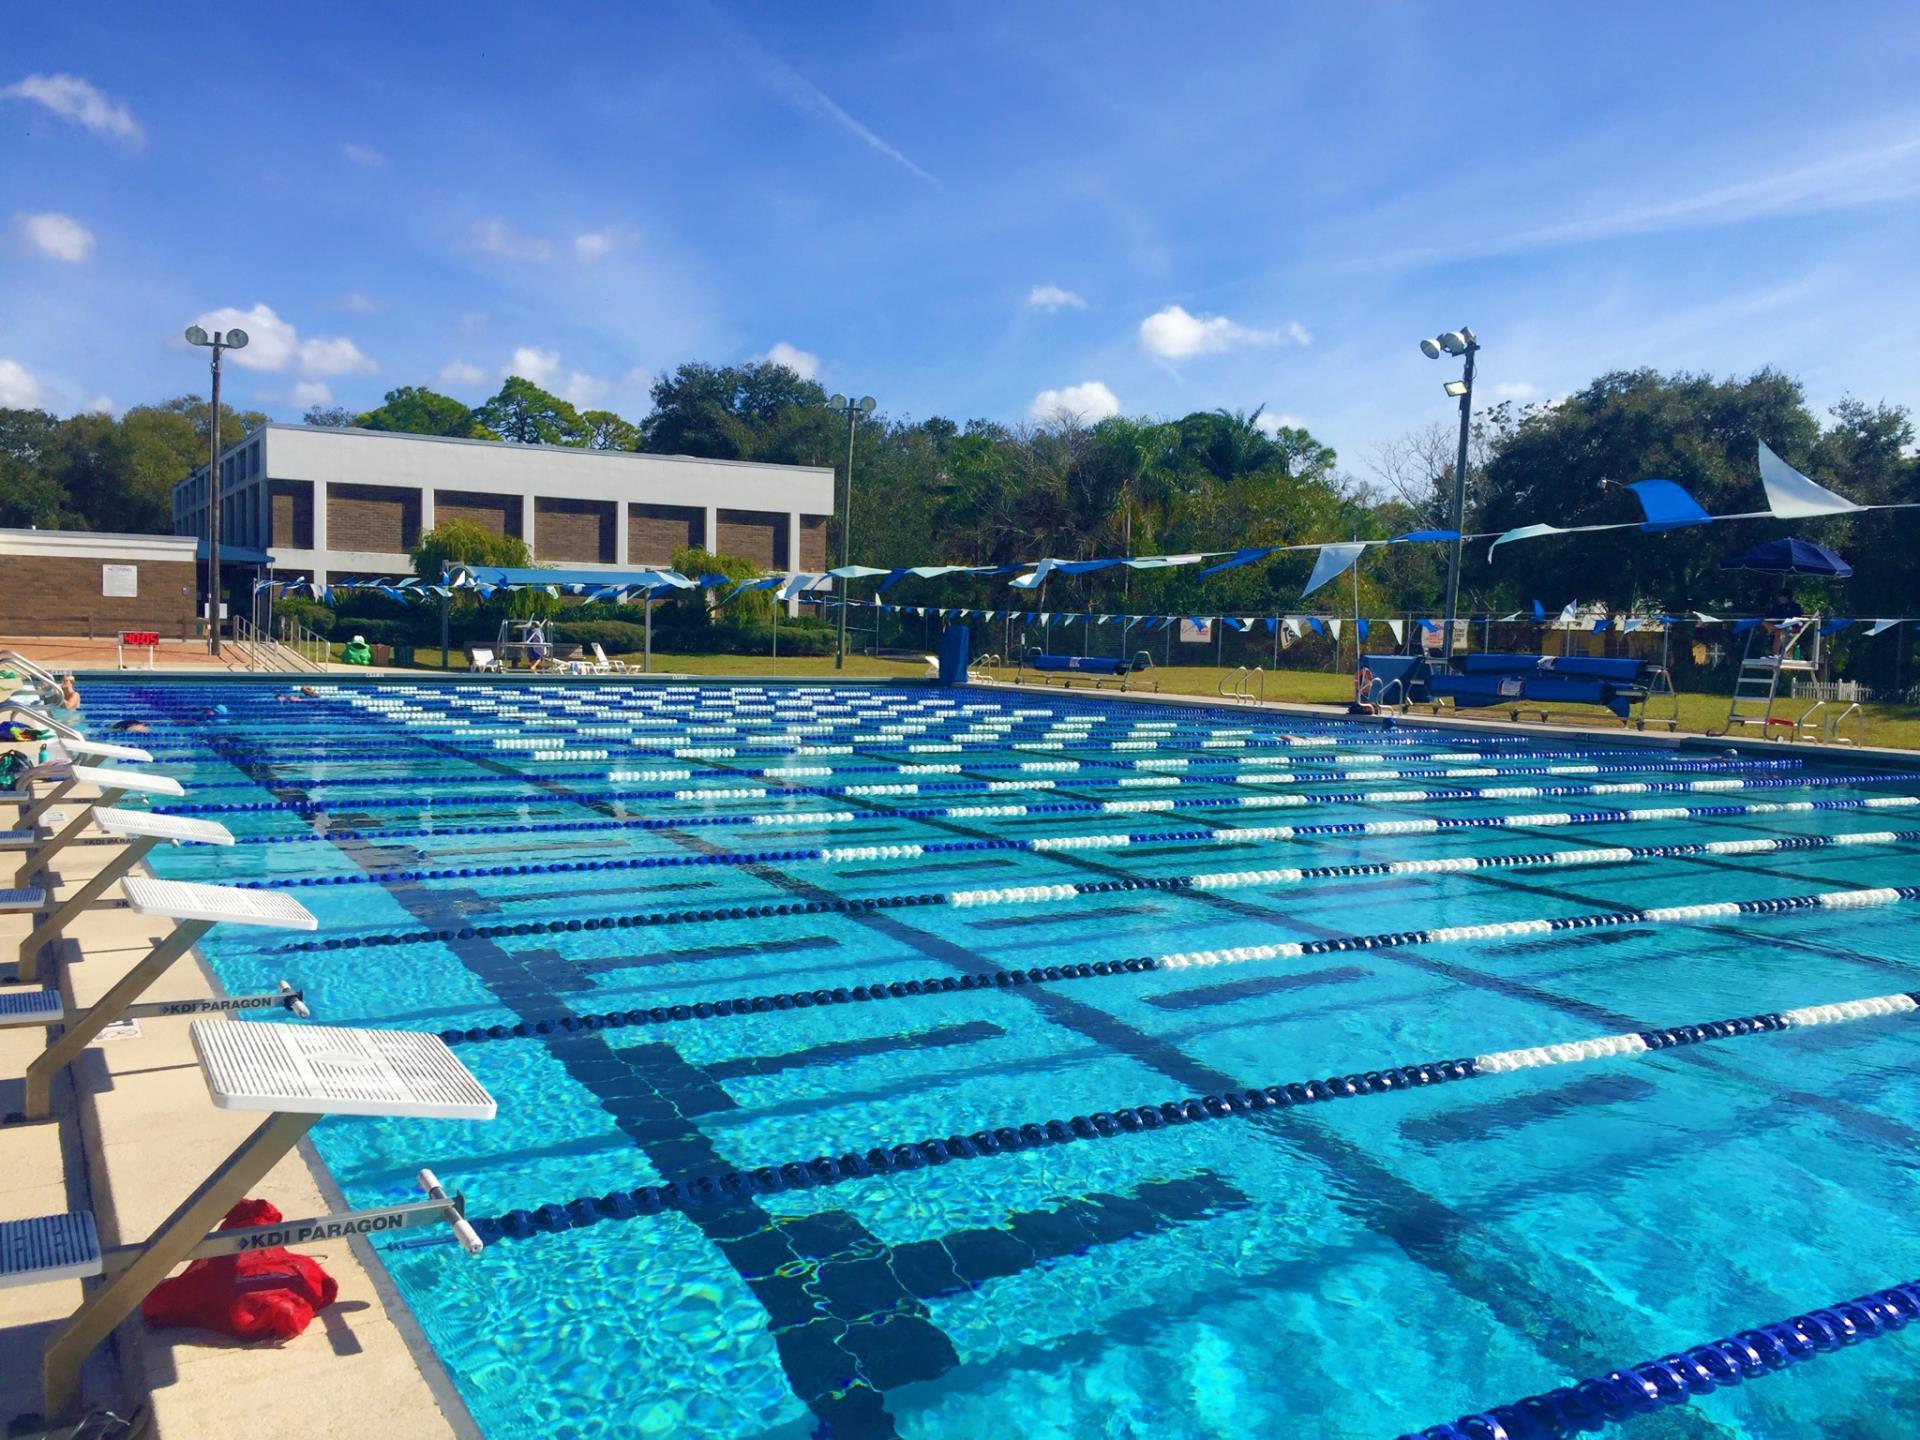 50 meter lap pool